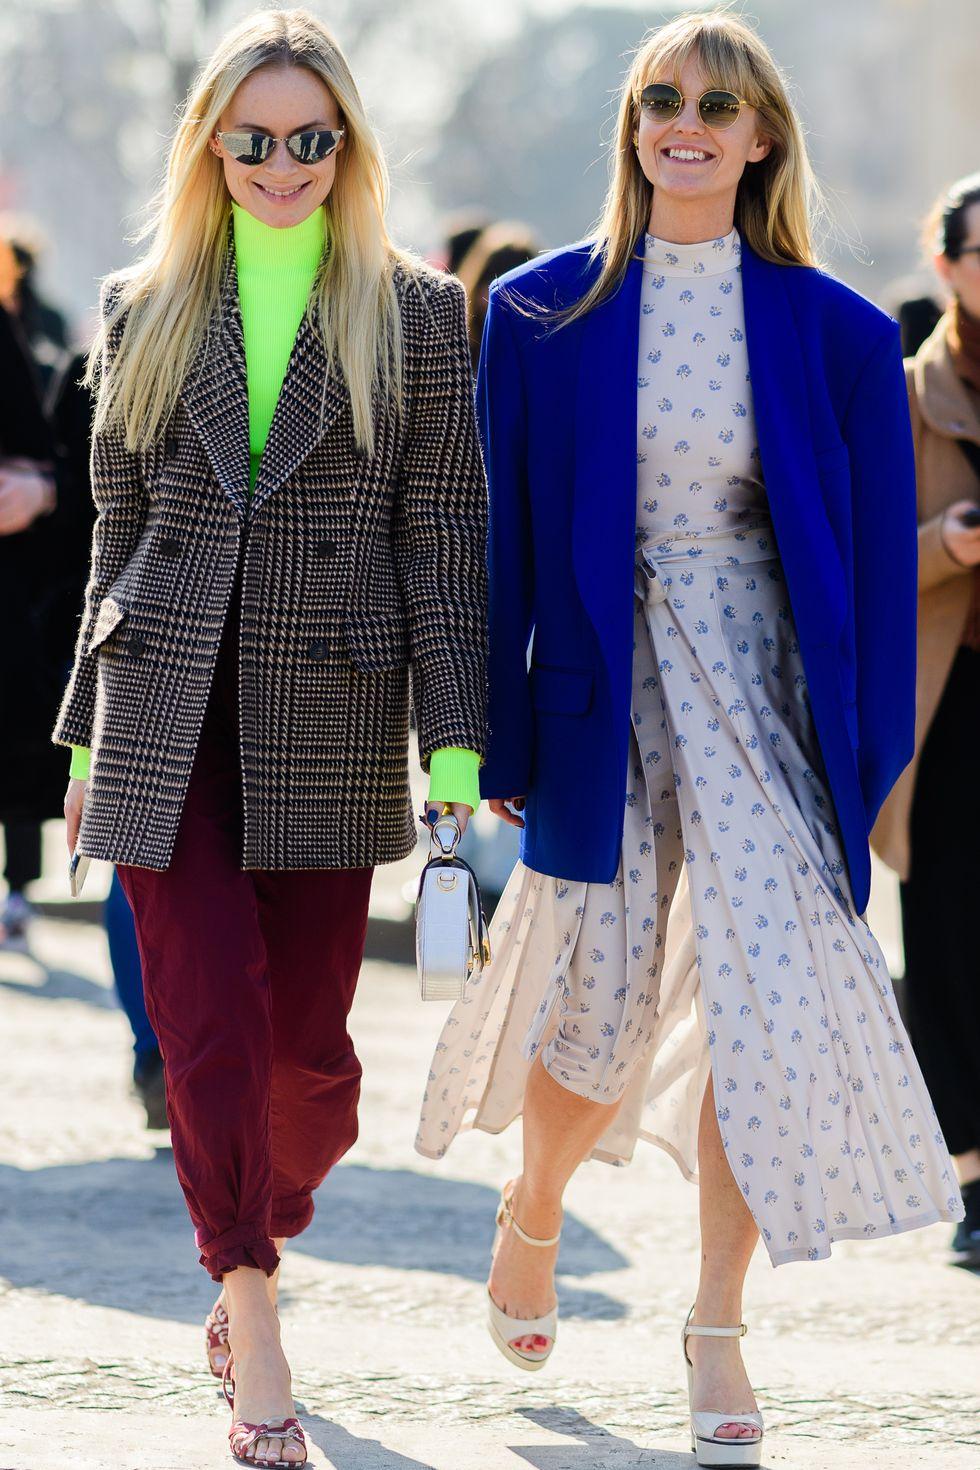 Áo blazer nhiều màu sắc, kiểu dáng gần như phù hợp với tất cả các loại trang phục có trong tủ đồ của bạn. Nếu là cô nàng cá tính, bạn có thể phối loại áo khoác này với quần tây, jeans đi kèm boot. Các cô nàng thích ngọt ngào đừng quên bộ đôi đầm/váy kết hợp cùng blazer thanh lịch và tinh tế.